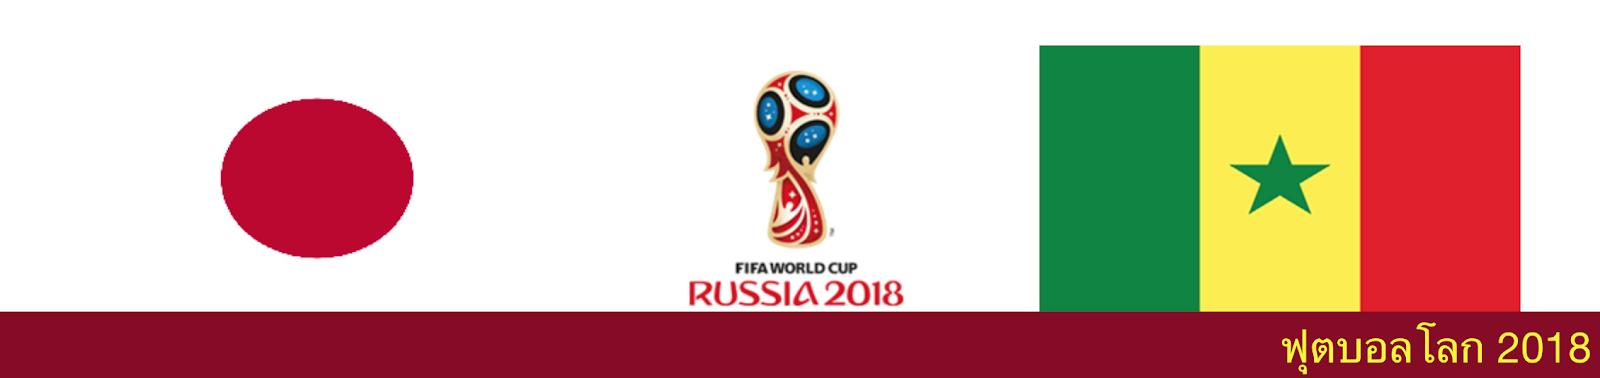 แทงบอล วิเคราะห์บอล ฟุตบอลโลก 2018 ระหว่างญี่ปุ่น vs เซเนกัล